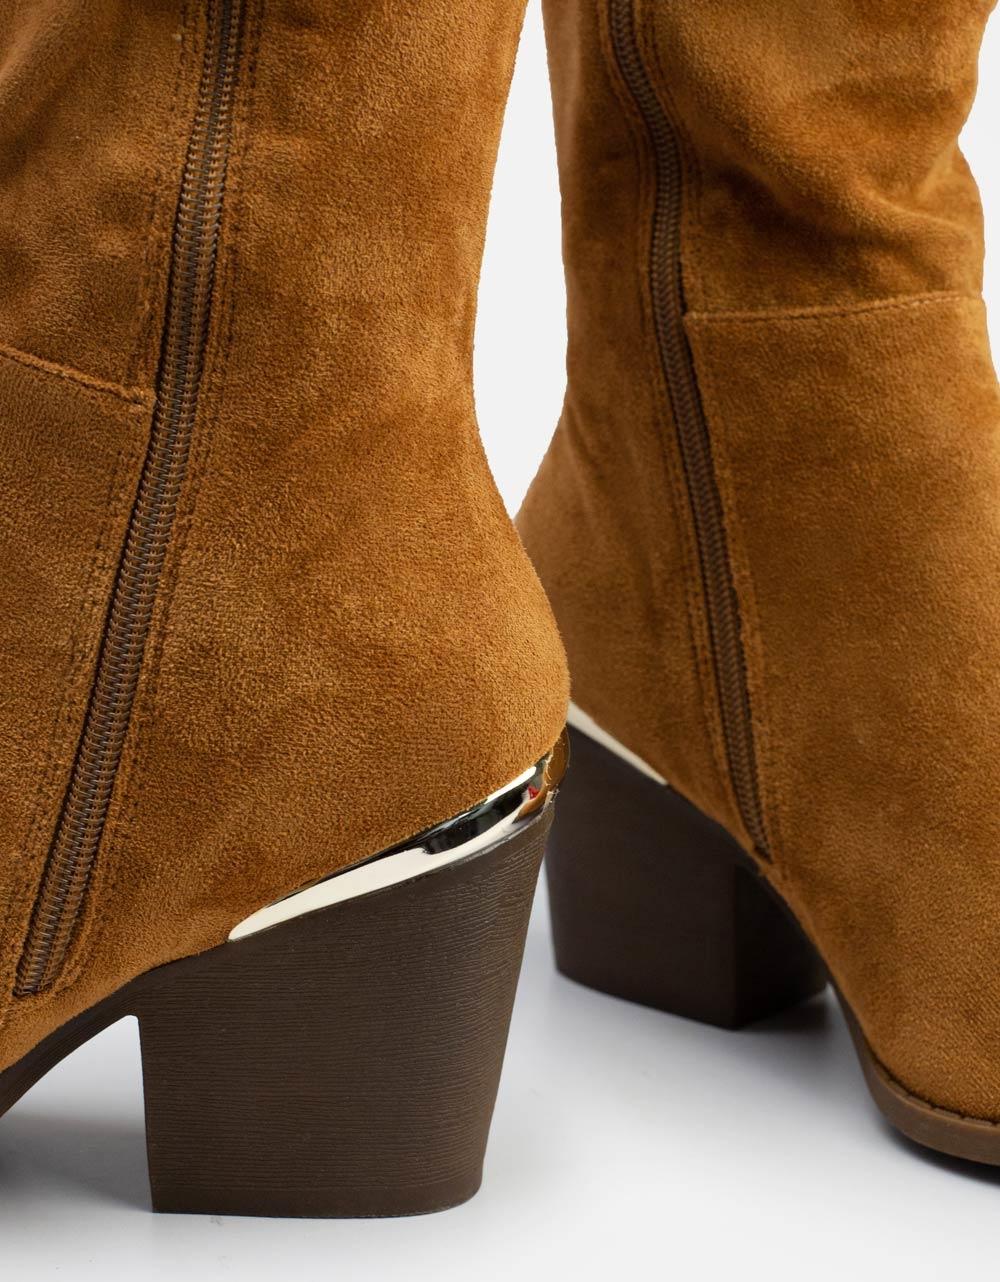 Εικόνα από Γυναικείες μπότες Suede με μεταλλική λεπτομέρεια Ταμπά